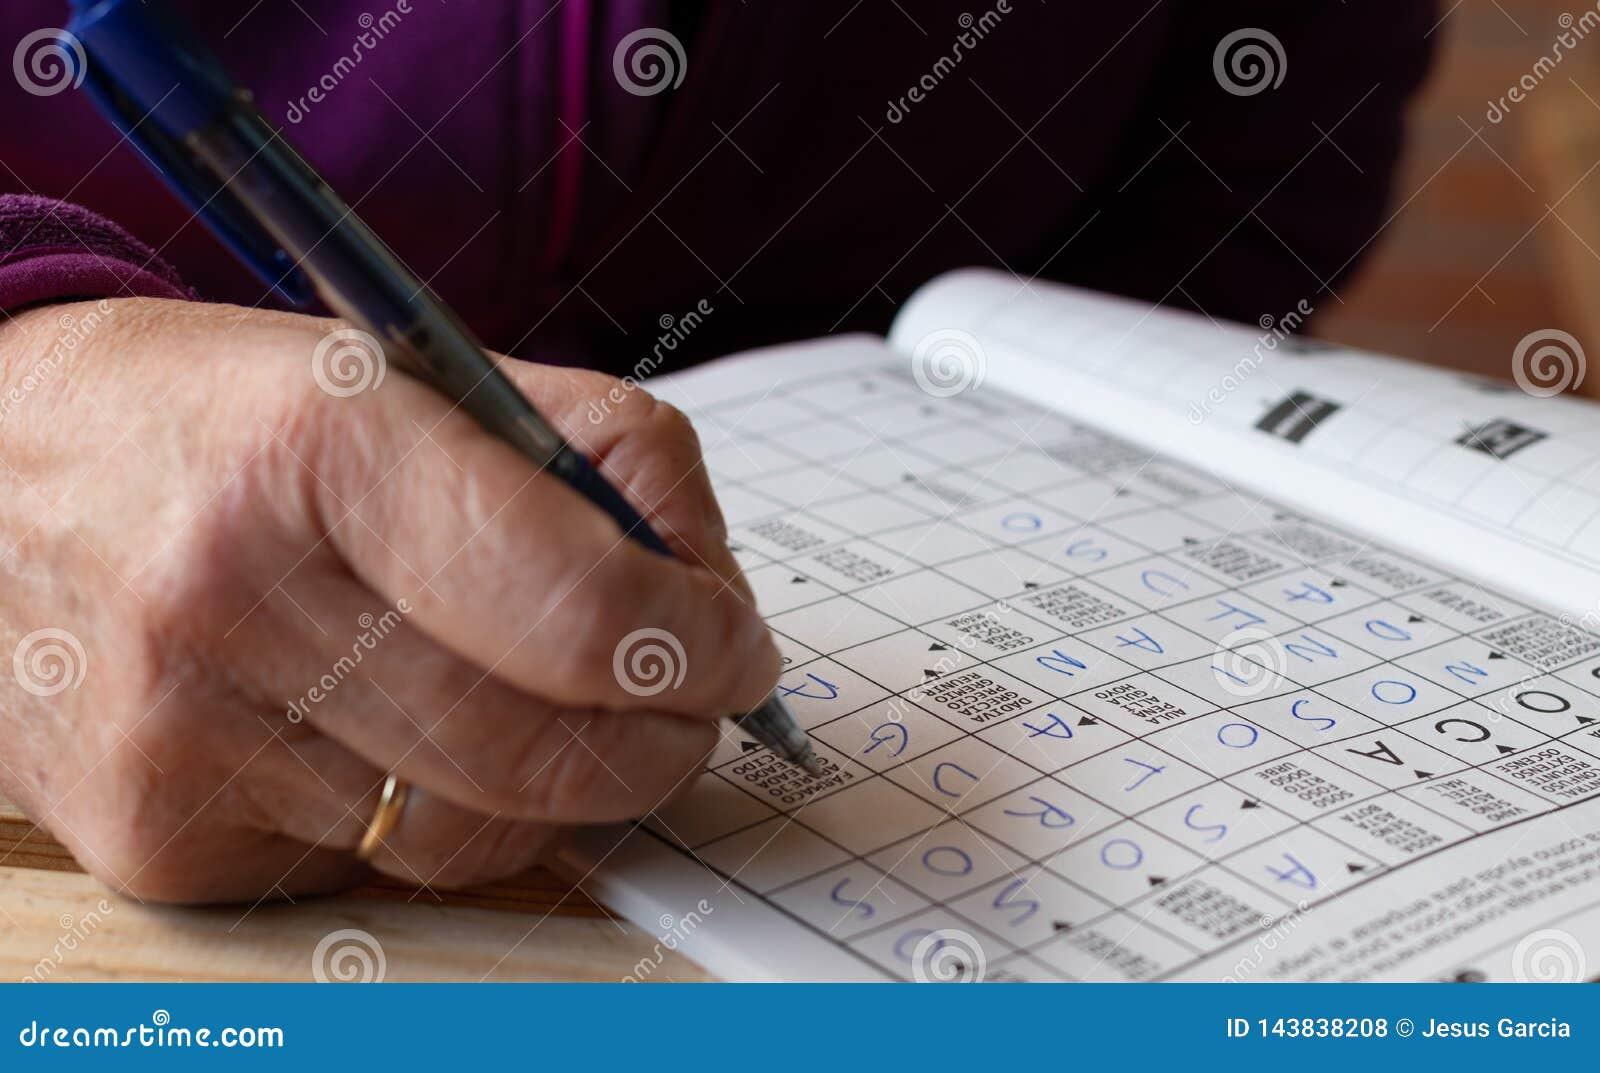 Main de personne supérieure faisant le jeu de mots croisé dans un carnet Loisirs et temps libre